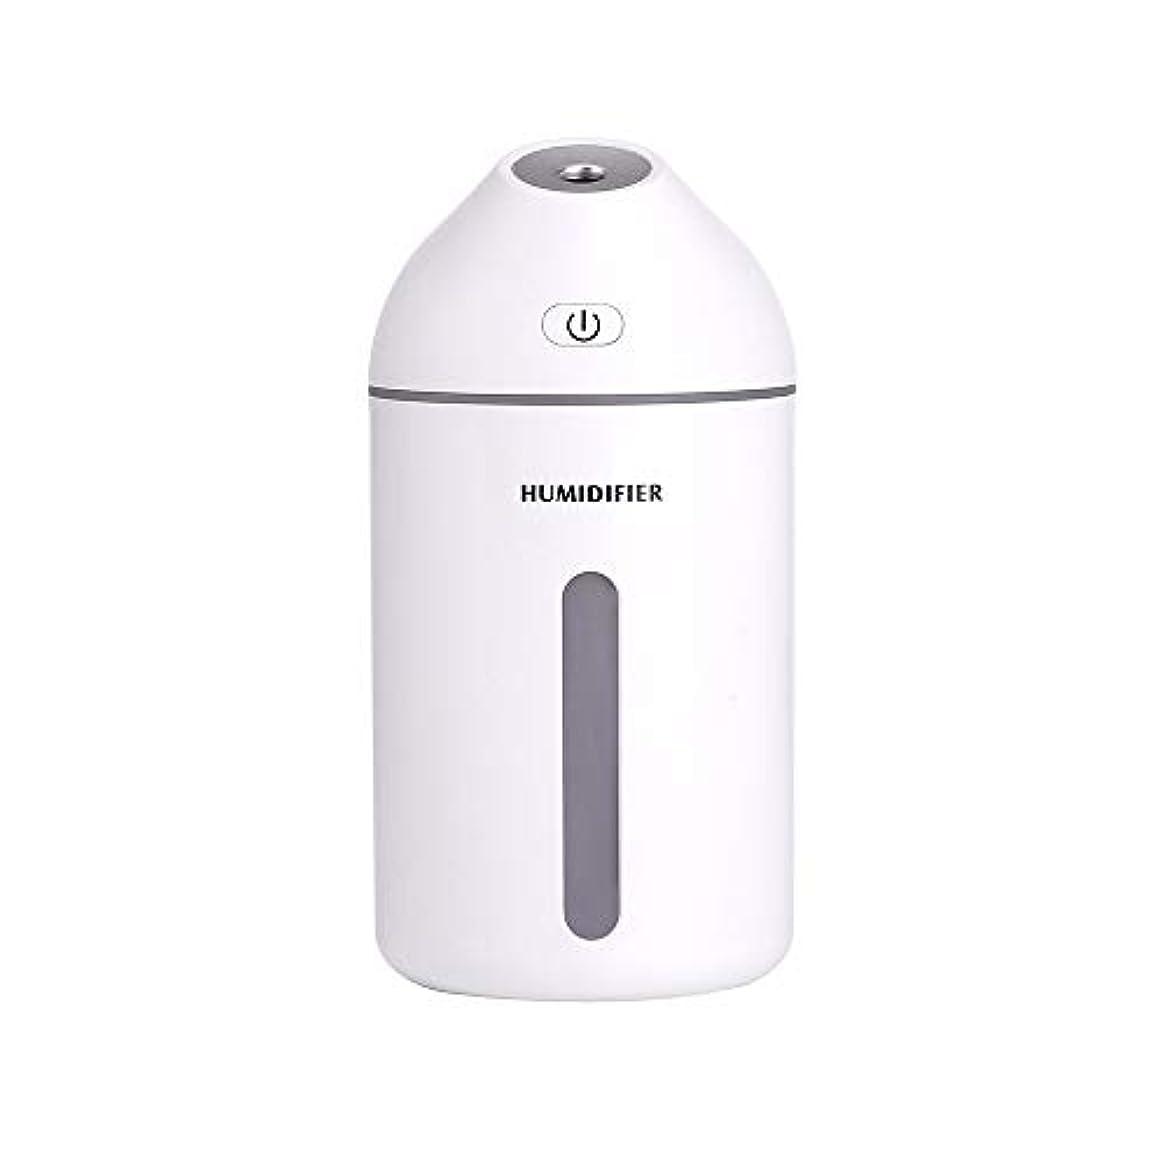 パット合わせて傾向320mlのエッセンシャルオイルディフューザーの静かな加湿器ホーム、カーフレグランスディフューザー (Color : White, Size : 7.7×15.2)